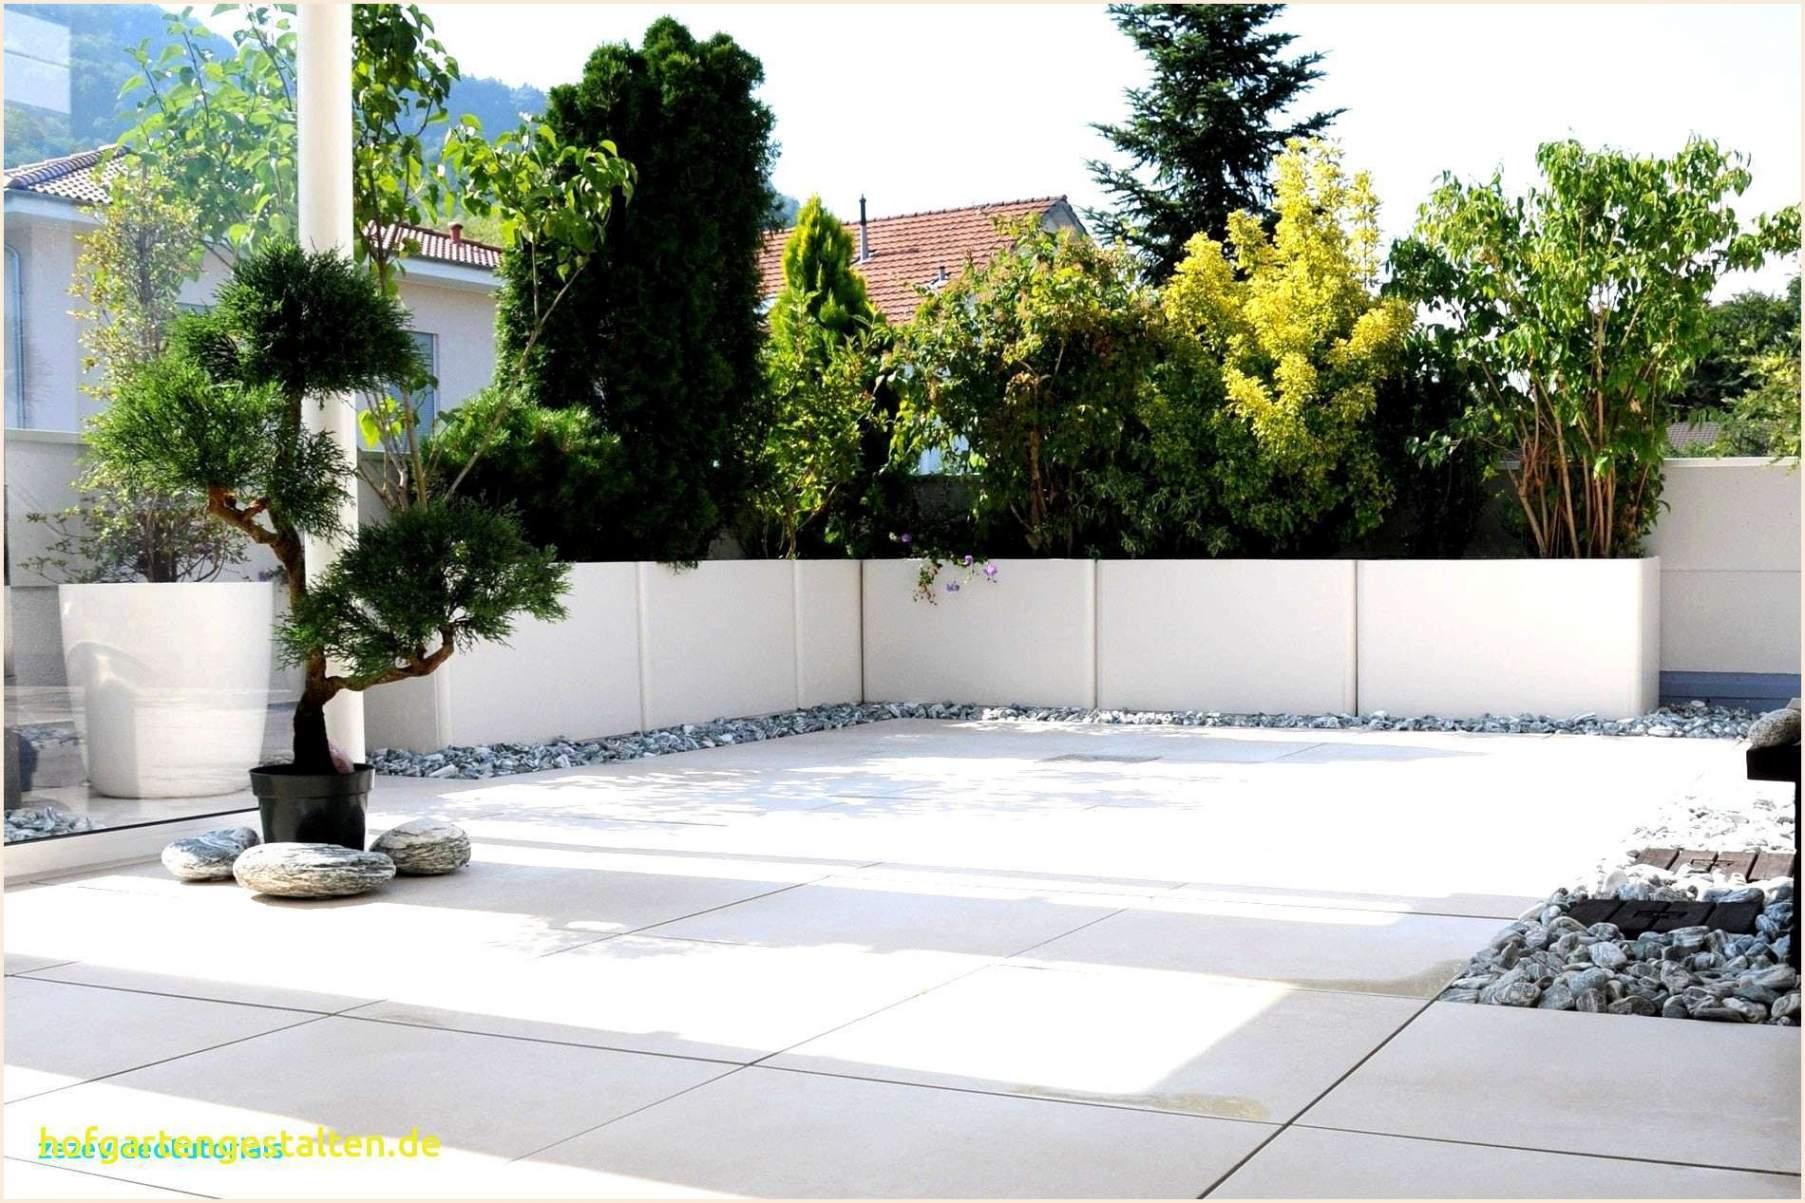 Ideen Für Garten Neu Ideen Für Grillplatz Im Garten — Temobardz Home Blog